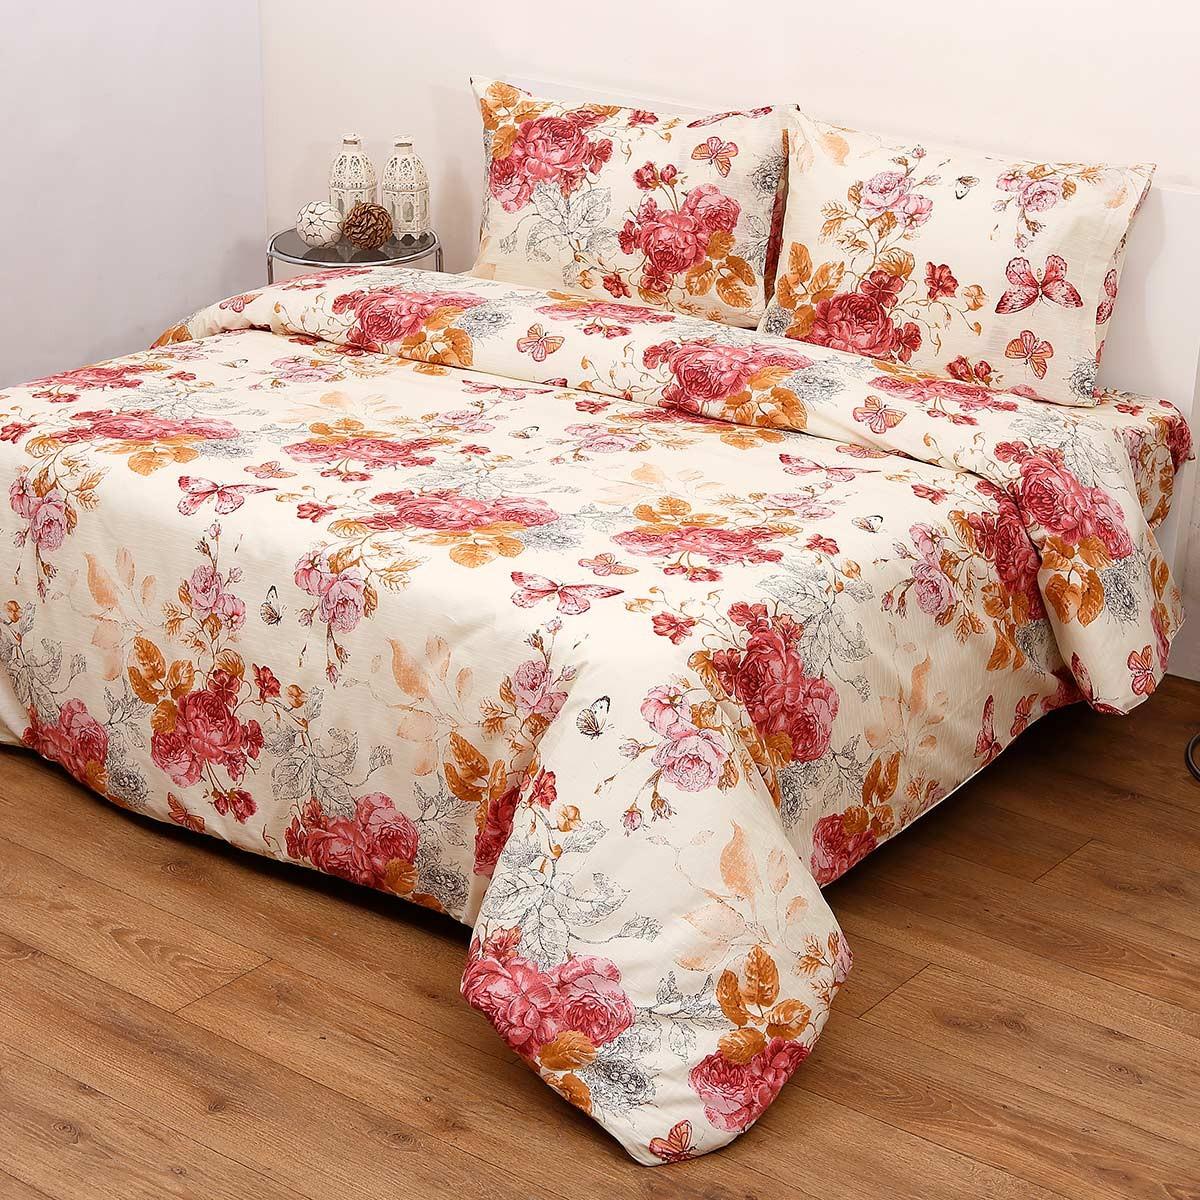 Κουβερλί Υπέρδιπλο (Σετ) Viopros Fresh Βερόνικα home   κρεβατοκάμαρα   κουβερλί   κουβερλί υπέρδιπλα